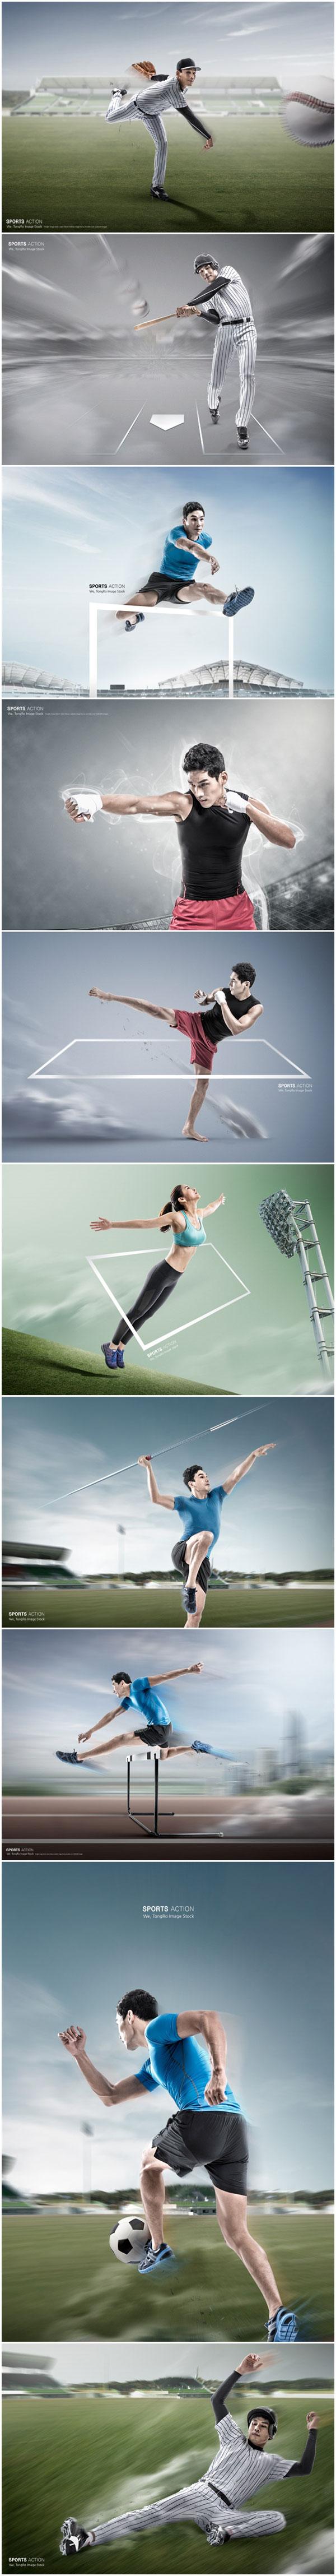 速度运动海报